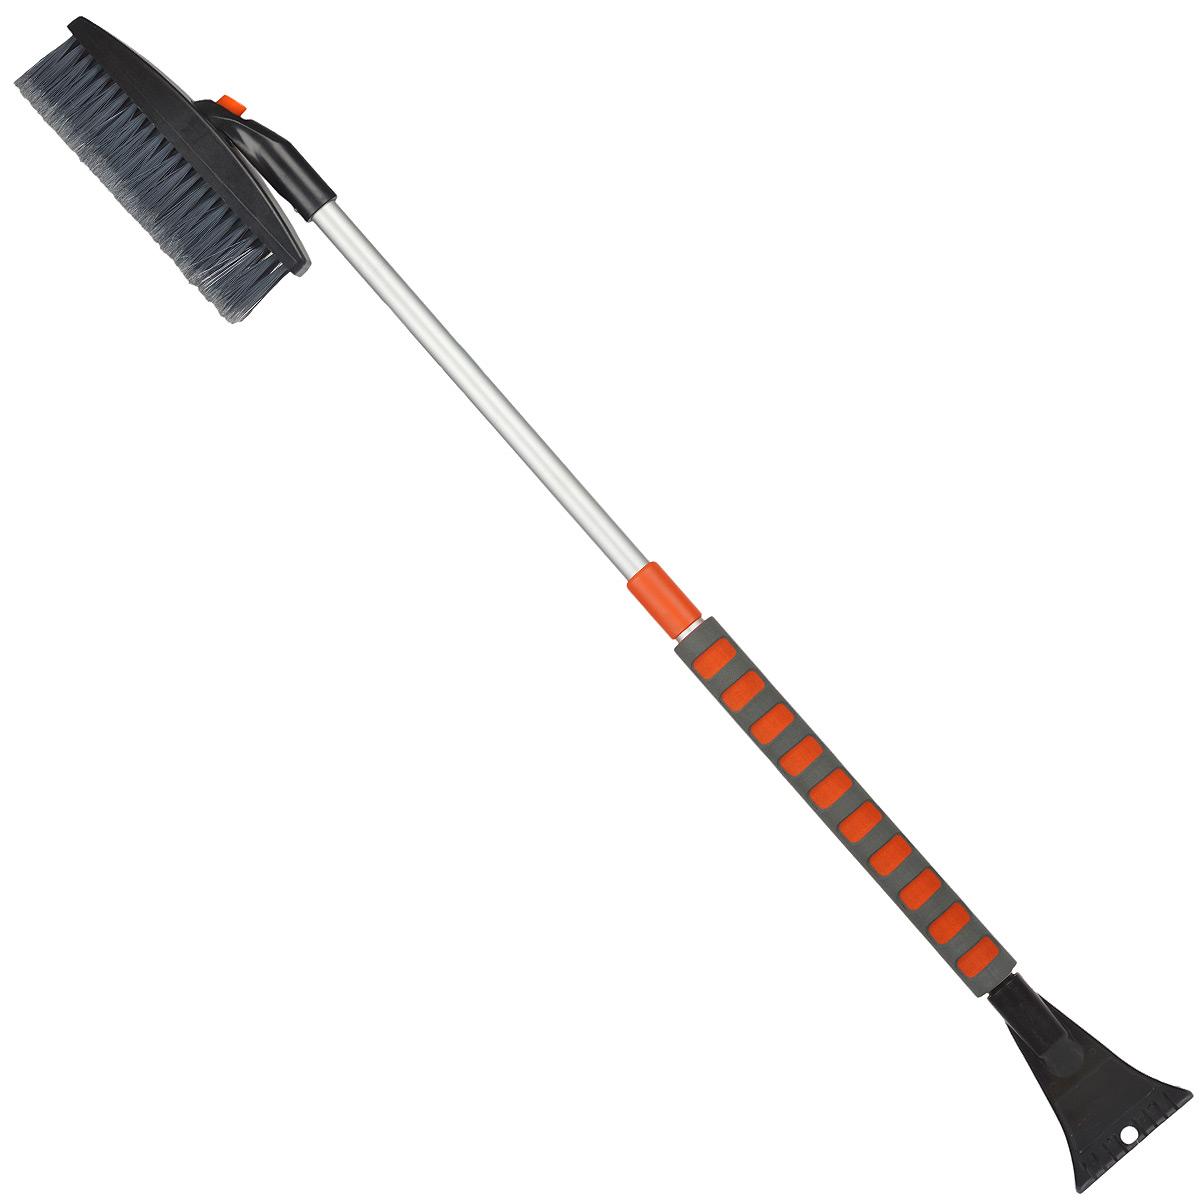 Щетка-сметка для снега Stels, со скребком, телескопическая, 82-110 см55313Щетка-сметка Stels оснащена усиленной рукояткой из алюминиевого сплава с удлиненным мягким держателем. Густая распушенная щетина для бережной очистки снега с поверхности. Инструмент имеет мощный скребок с зубьями для дробления льда и кнопку для регулировки горизонтального/вертикального положения щетки.